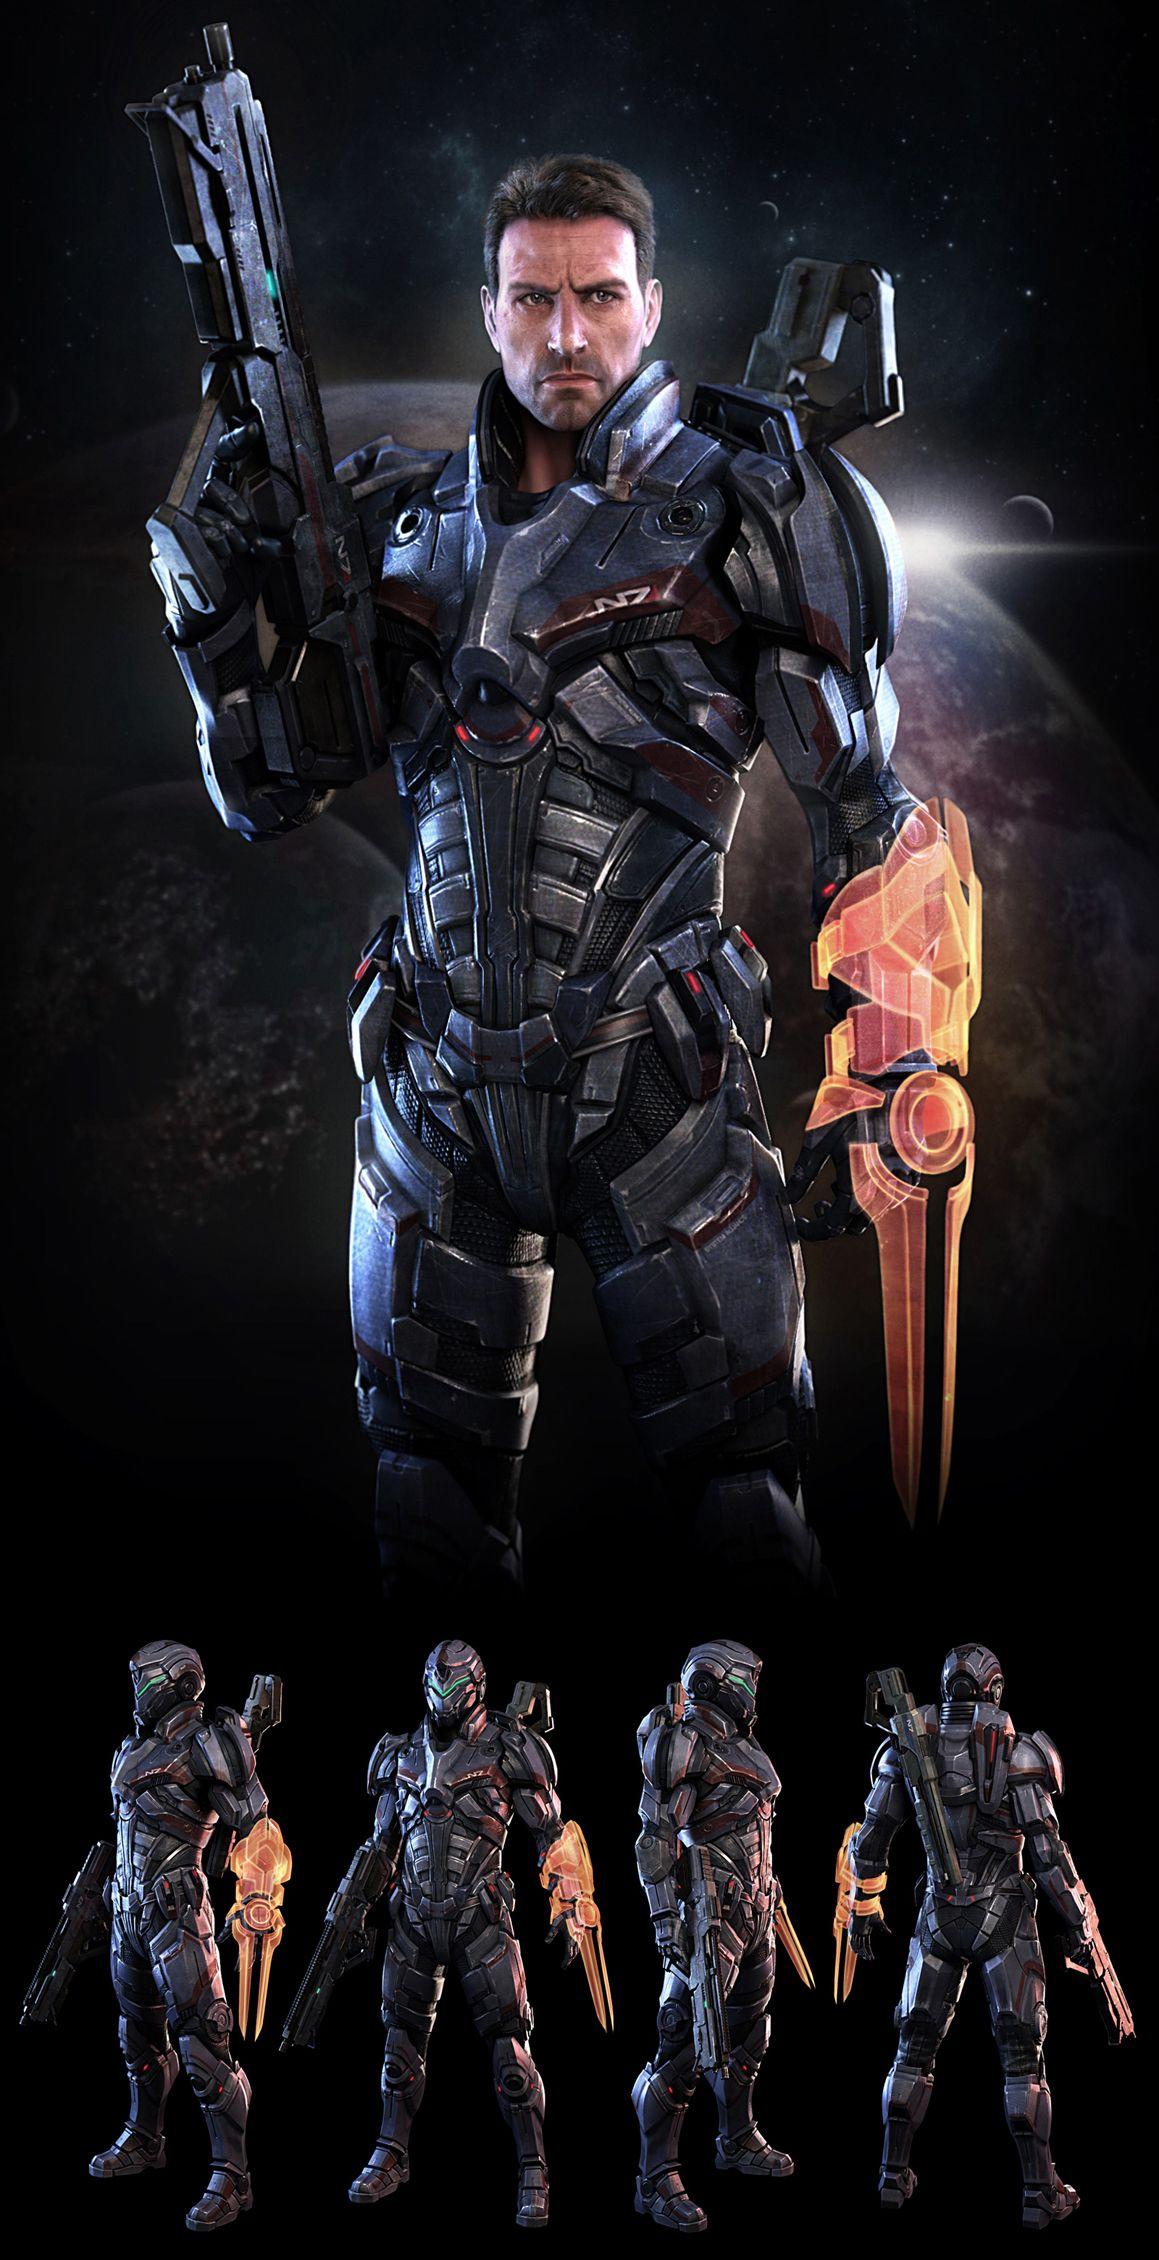 Mass Effect N7 Soldier  Fan Art  By 3Dsquid In 2019 -3031